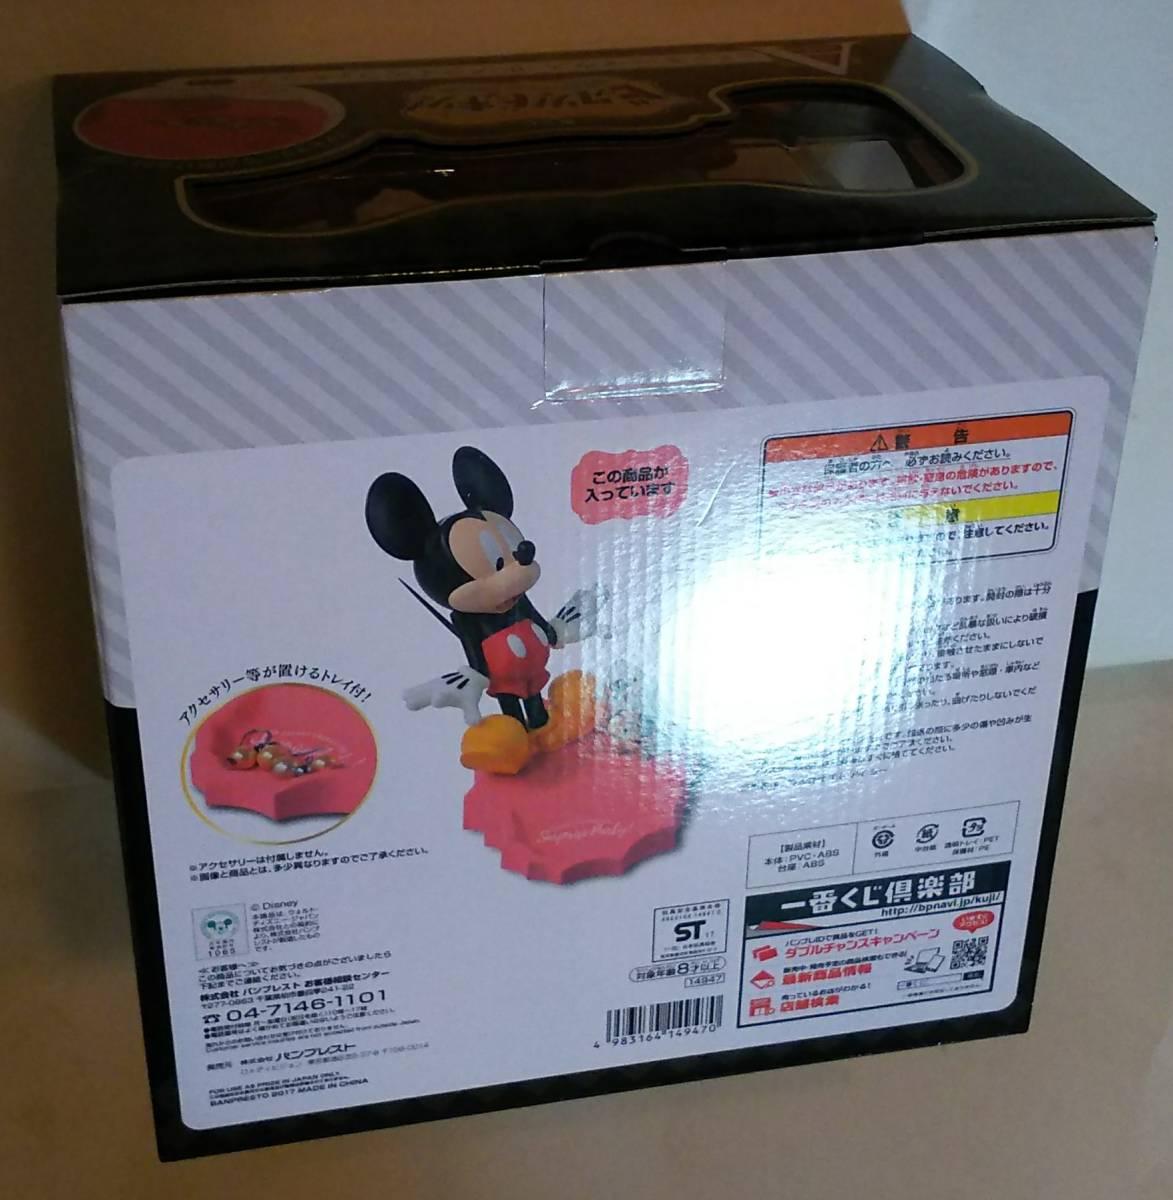 一番くじ ディズニー キャラクターズ サプライズパーティ A賞 ミッキーマウス フィギュア +F賞 デザートカップ +未使用ダブルチャンス券2枚_画像7